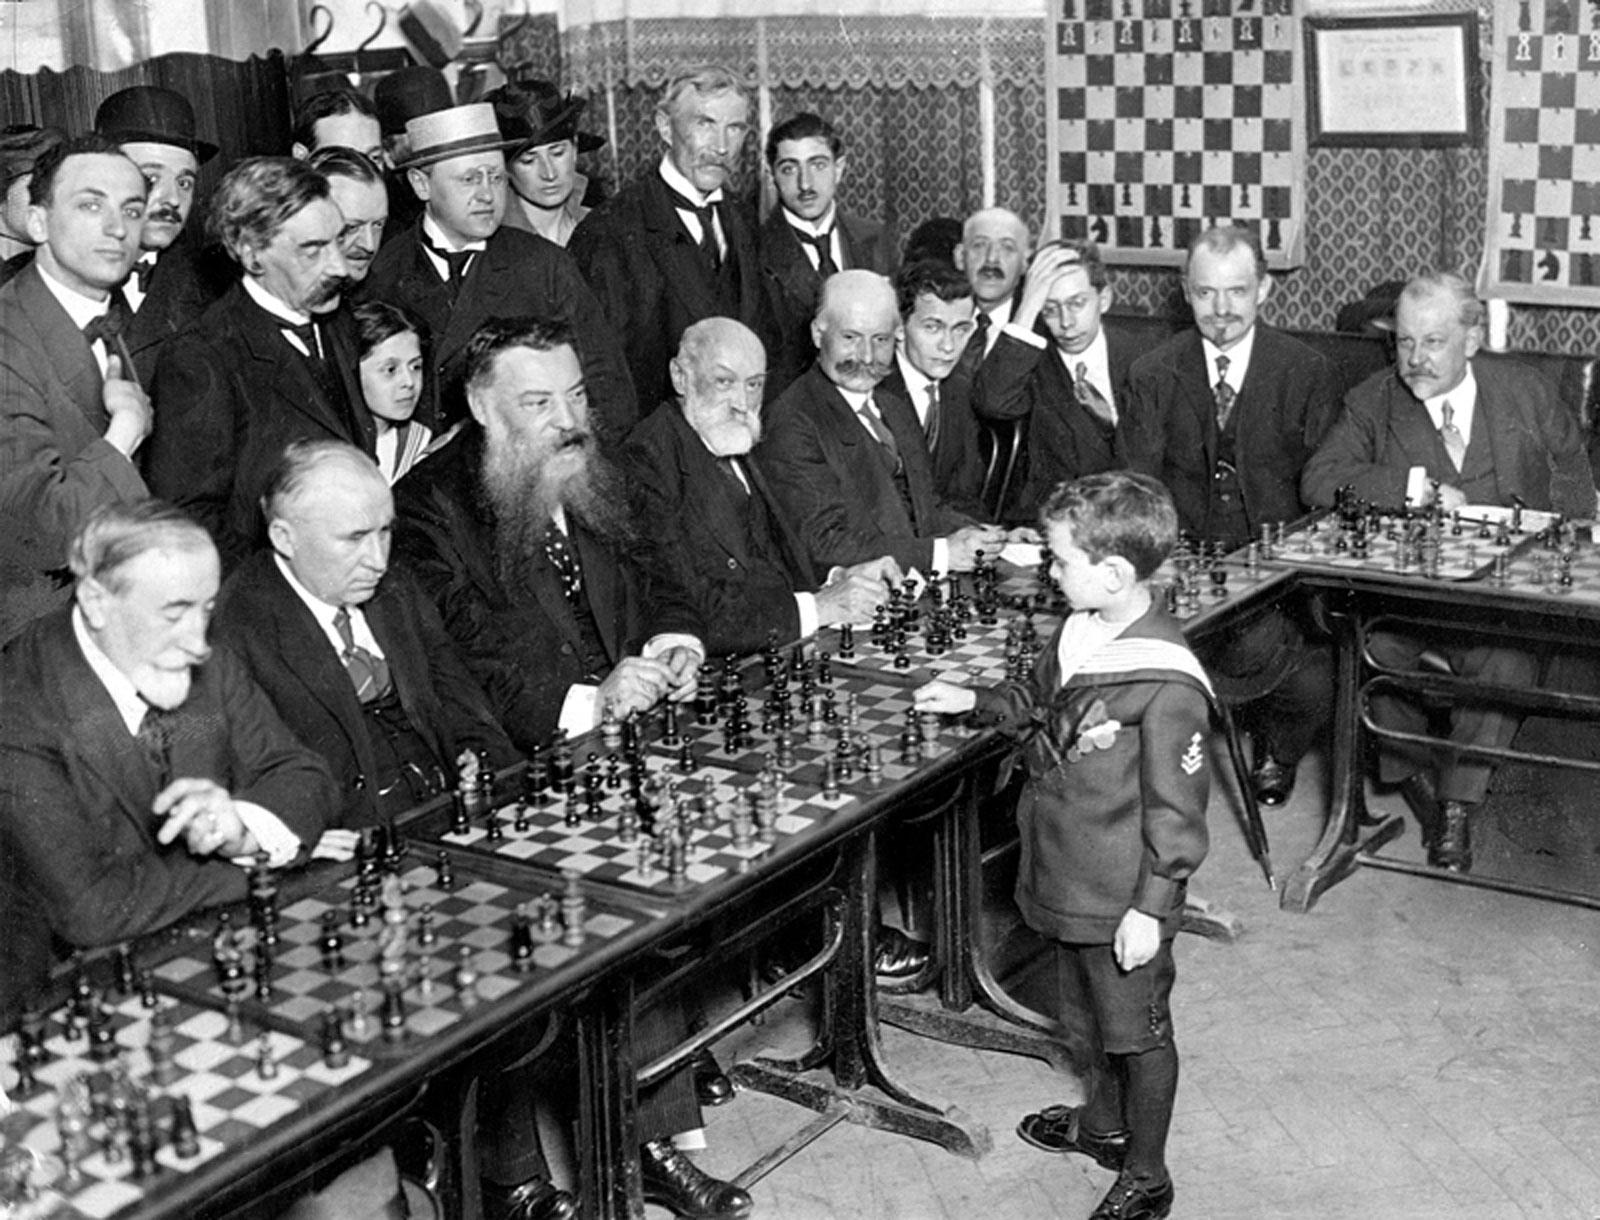 Samuel Reshevsky, de 8 años, derrotando a varios maestros de ajedrez a la vez en Francia, 1920